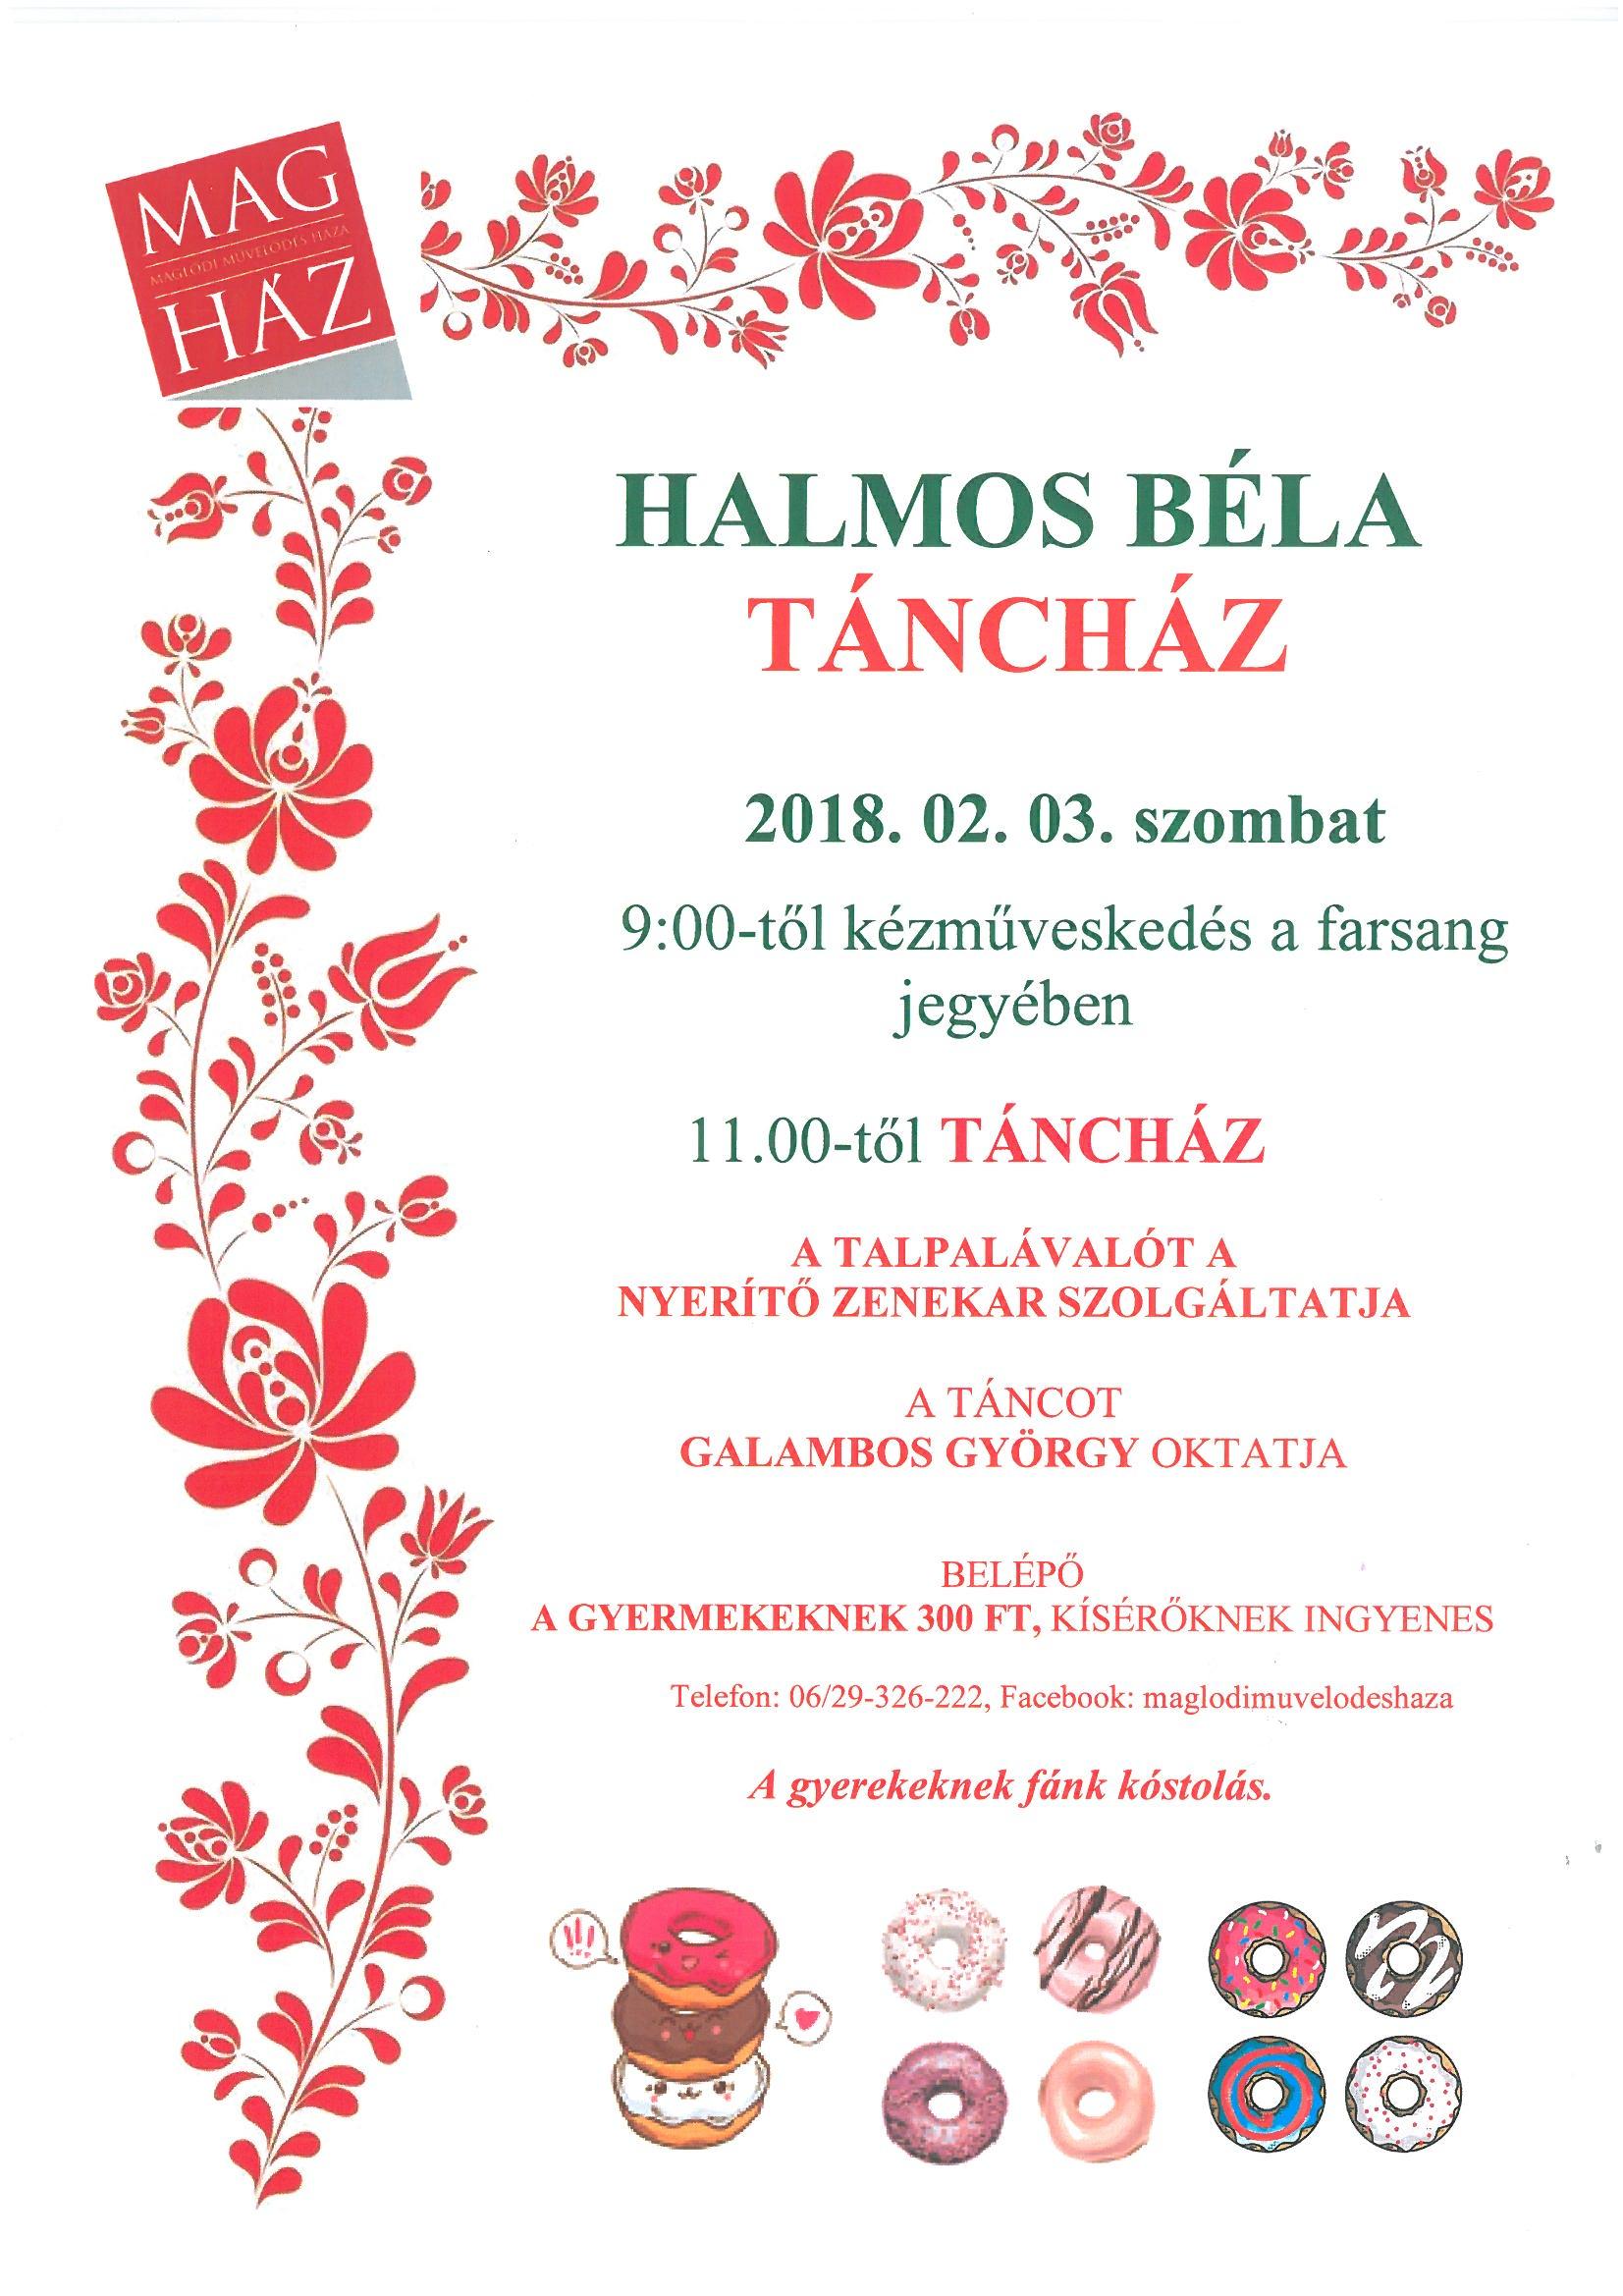 2018.02.03. Farsangi táncház és kézműveskedés